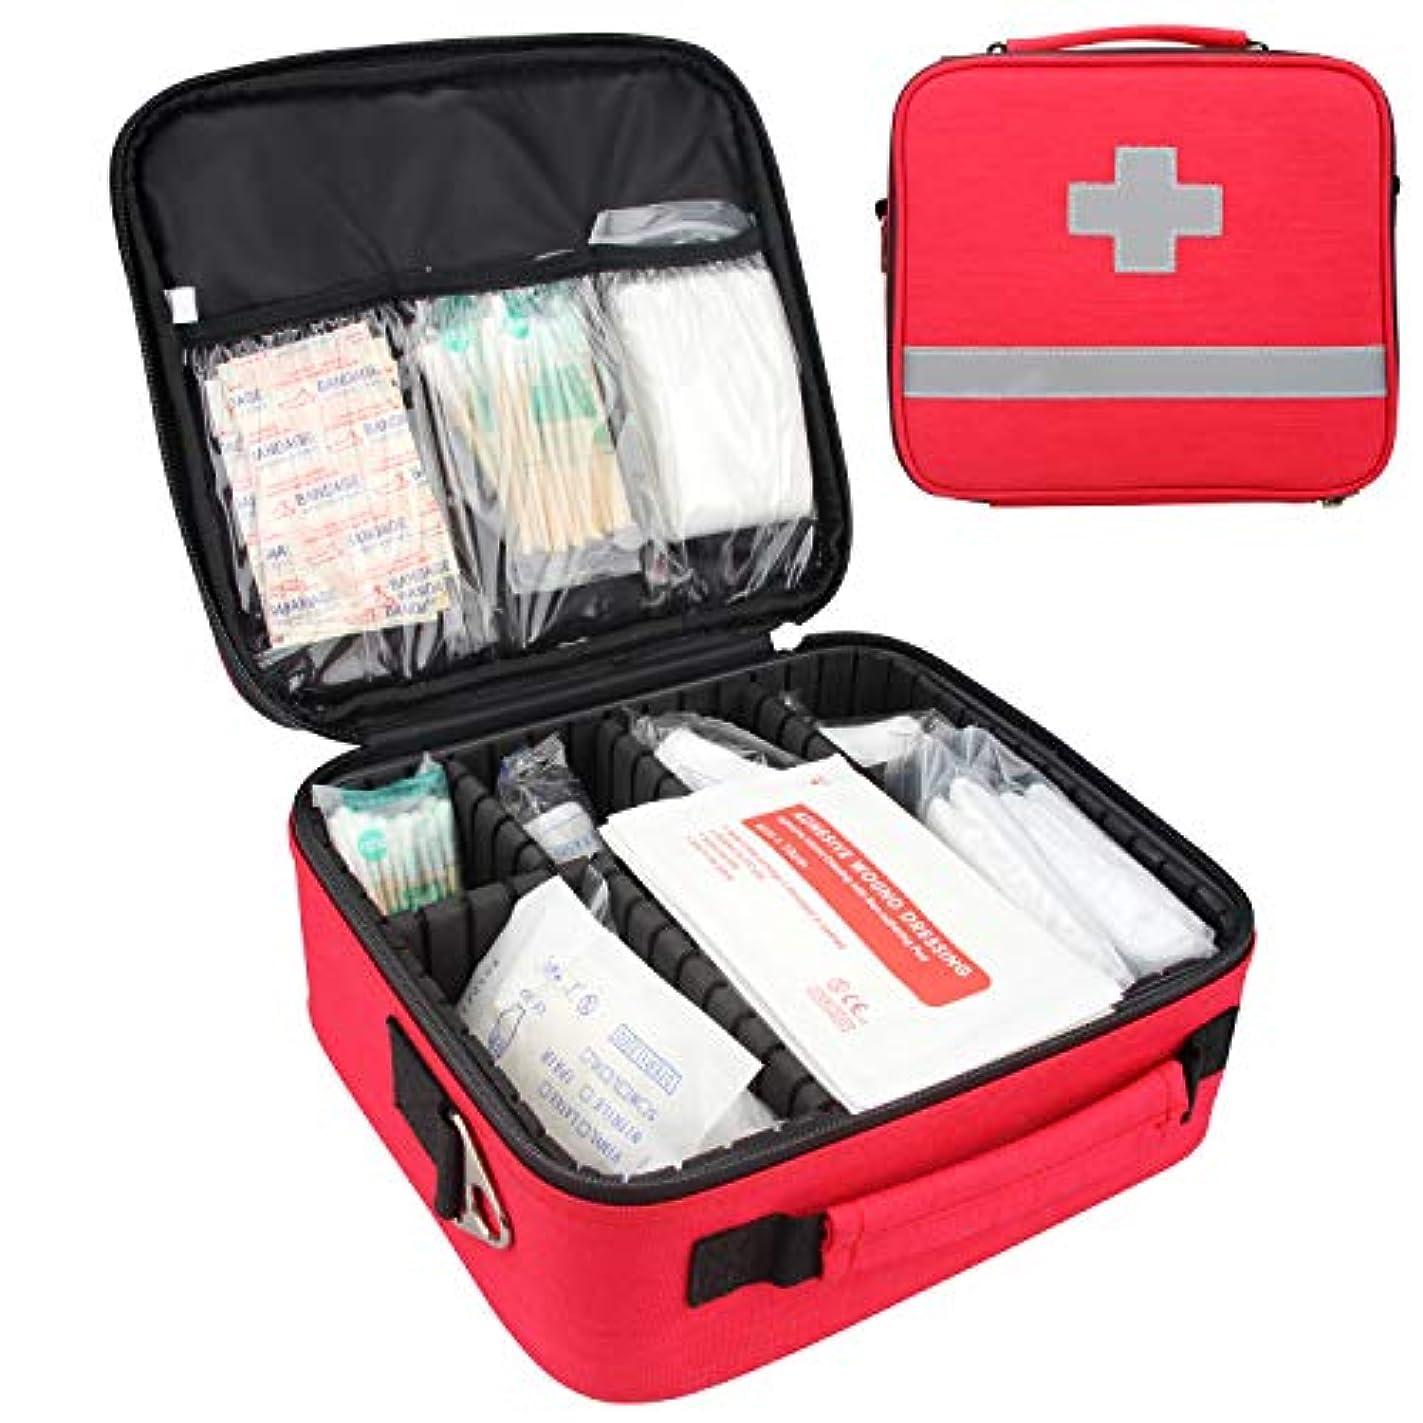 きちんとした慣れるソファー応急処置キット,プロフェッショナル 防水 プレミアム ナイロン 救急バッグ セパレーター付け